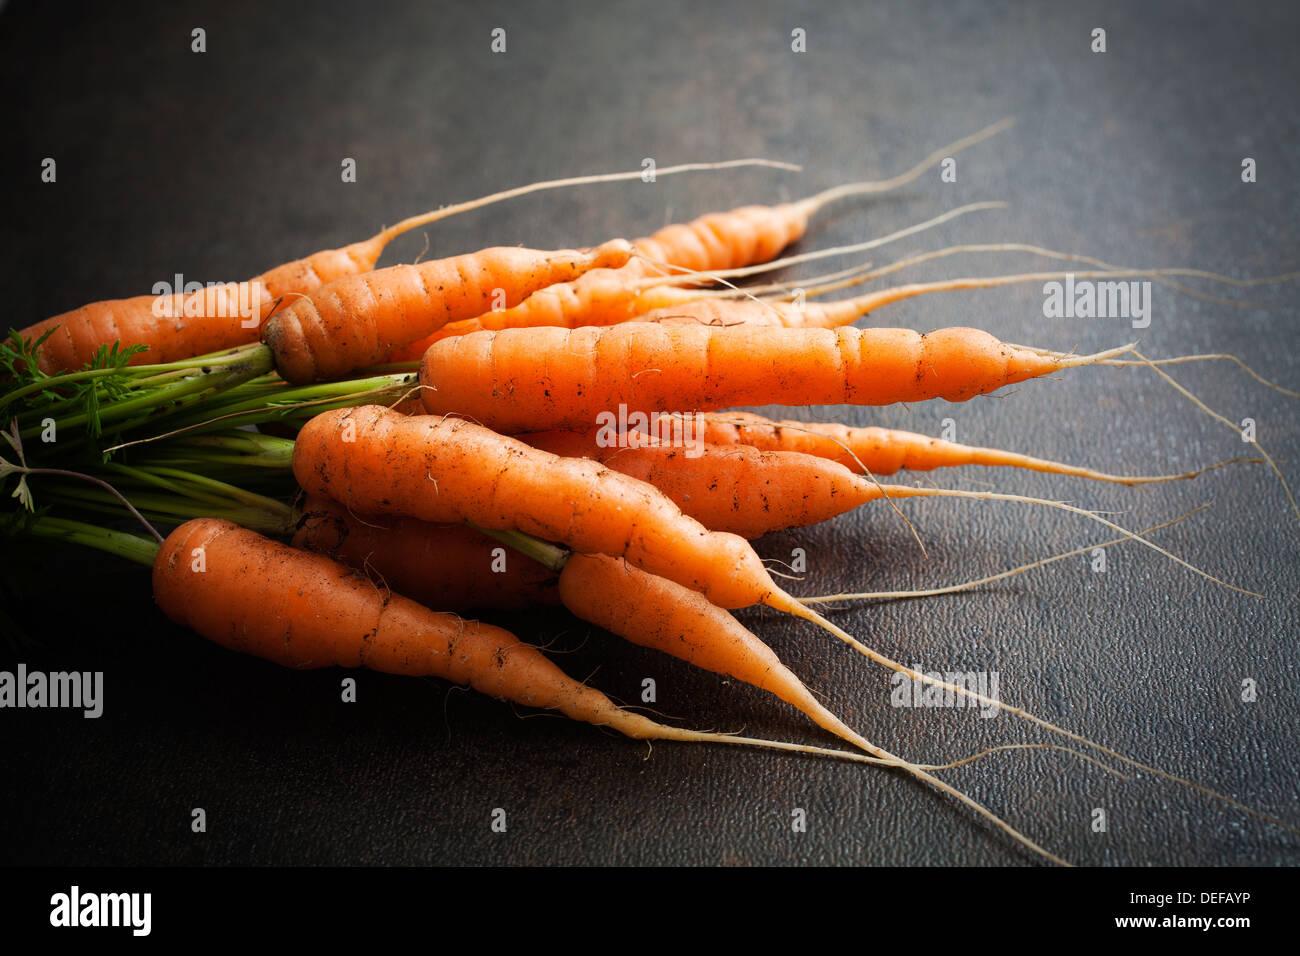 Montón de zanahorias frescas sobre fondo oscuro Foto de stock